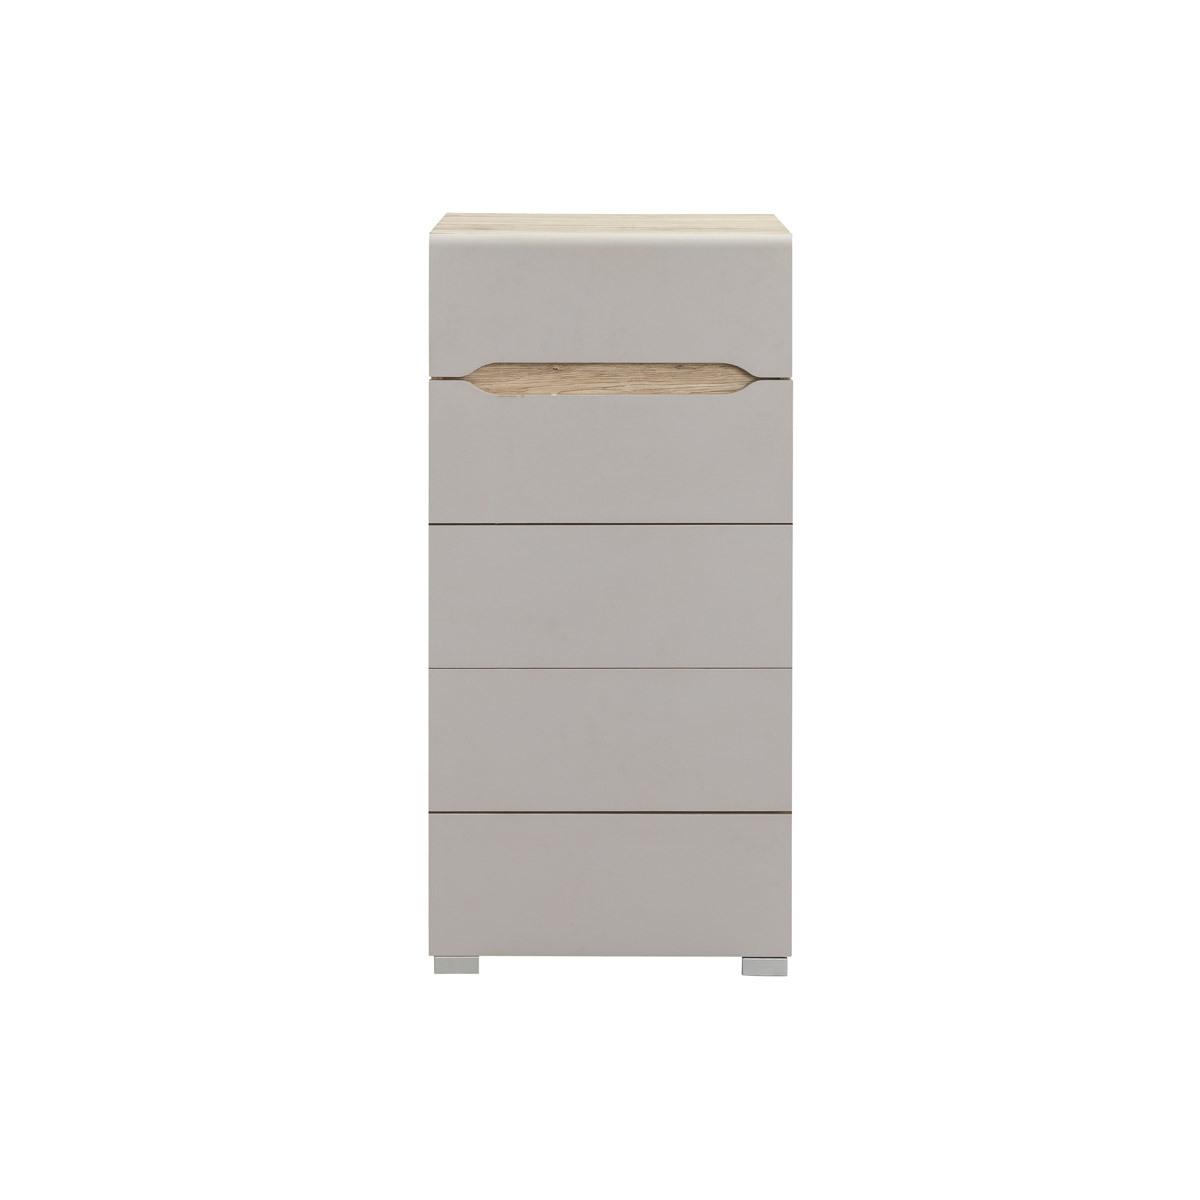 Cassettiera design legno chiaro e talpa 5 cassetti WILLY